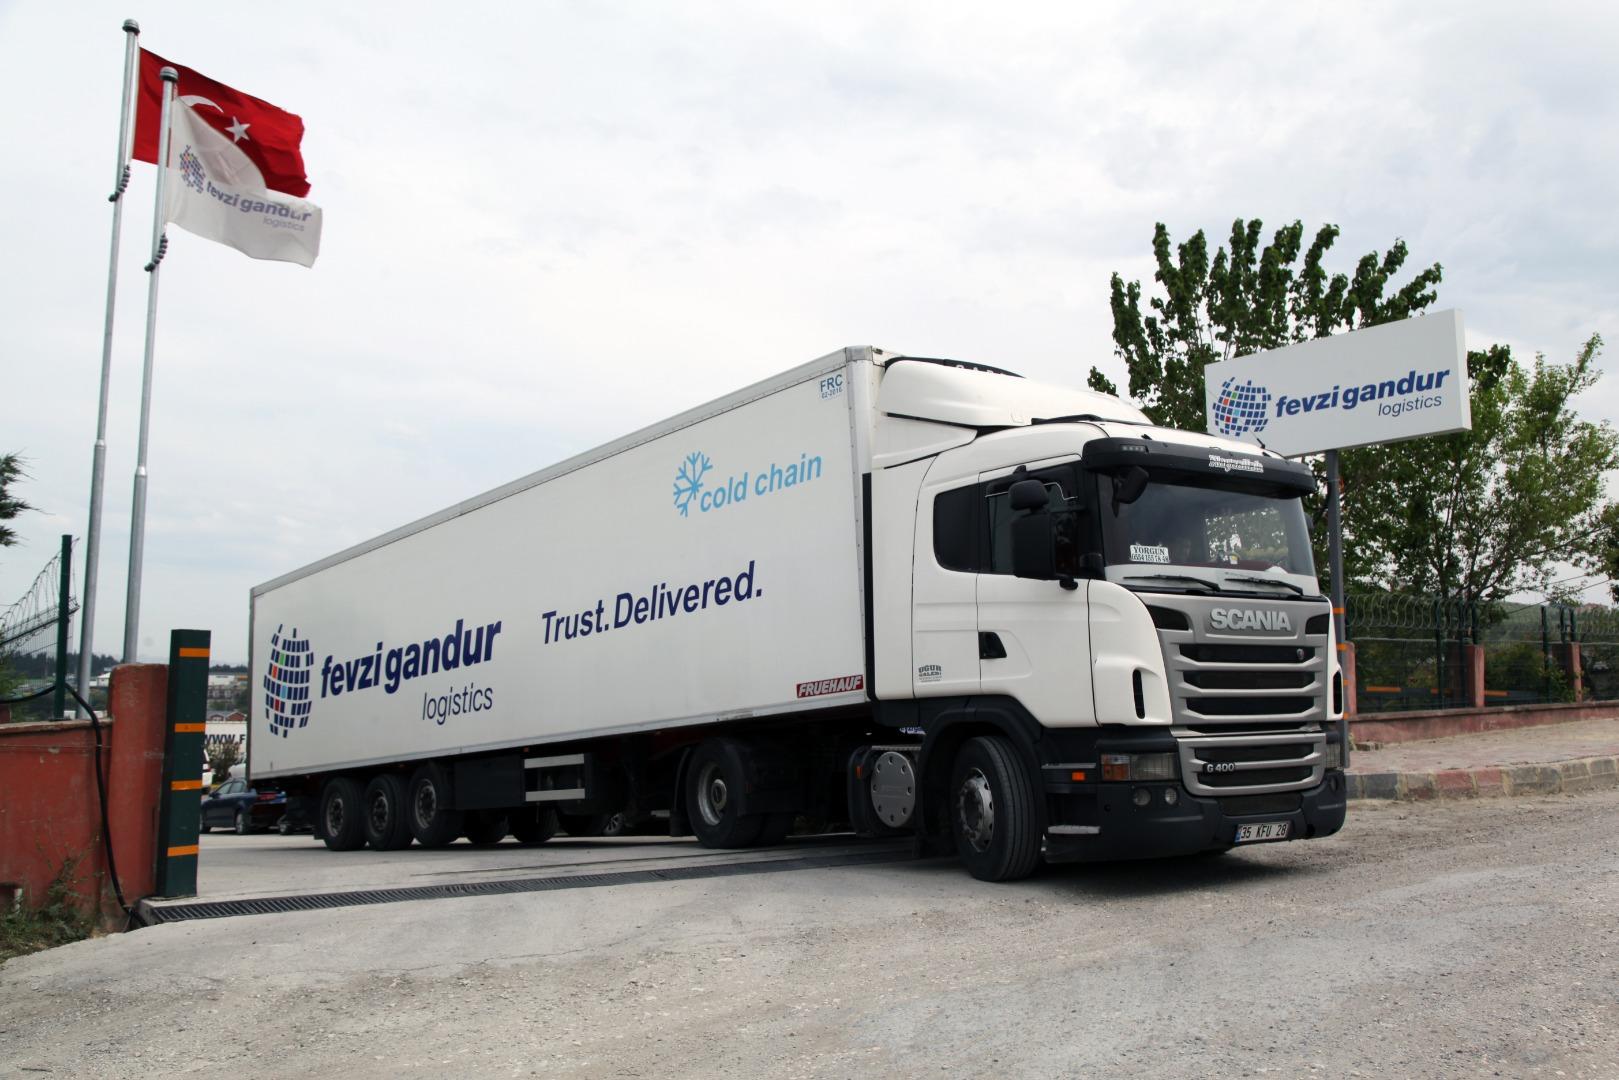 Fevzi Gandur Logistics yatırımları çevreye saygı duyuyor